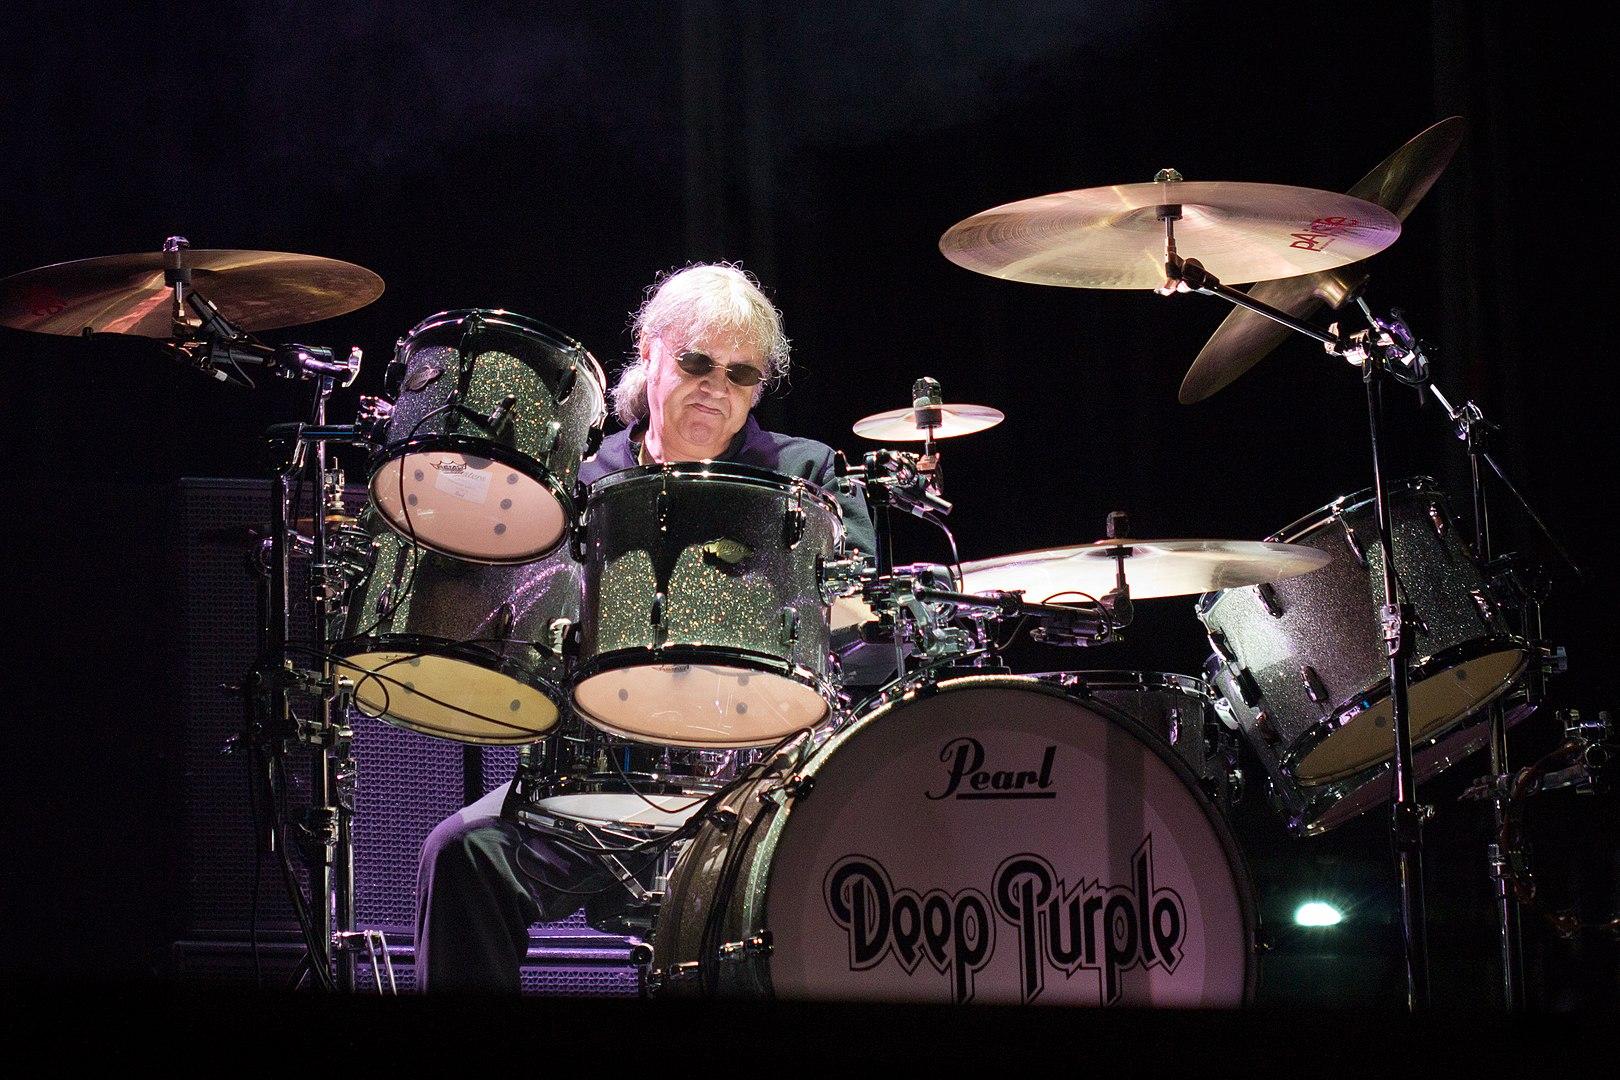 Ian Paice: 5 Fakten über die Schlagzeug-Maschine von Deep Purple